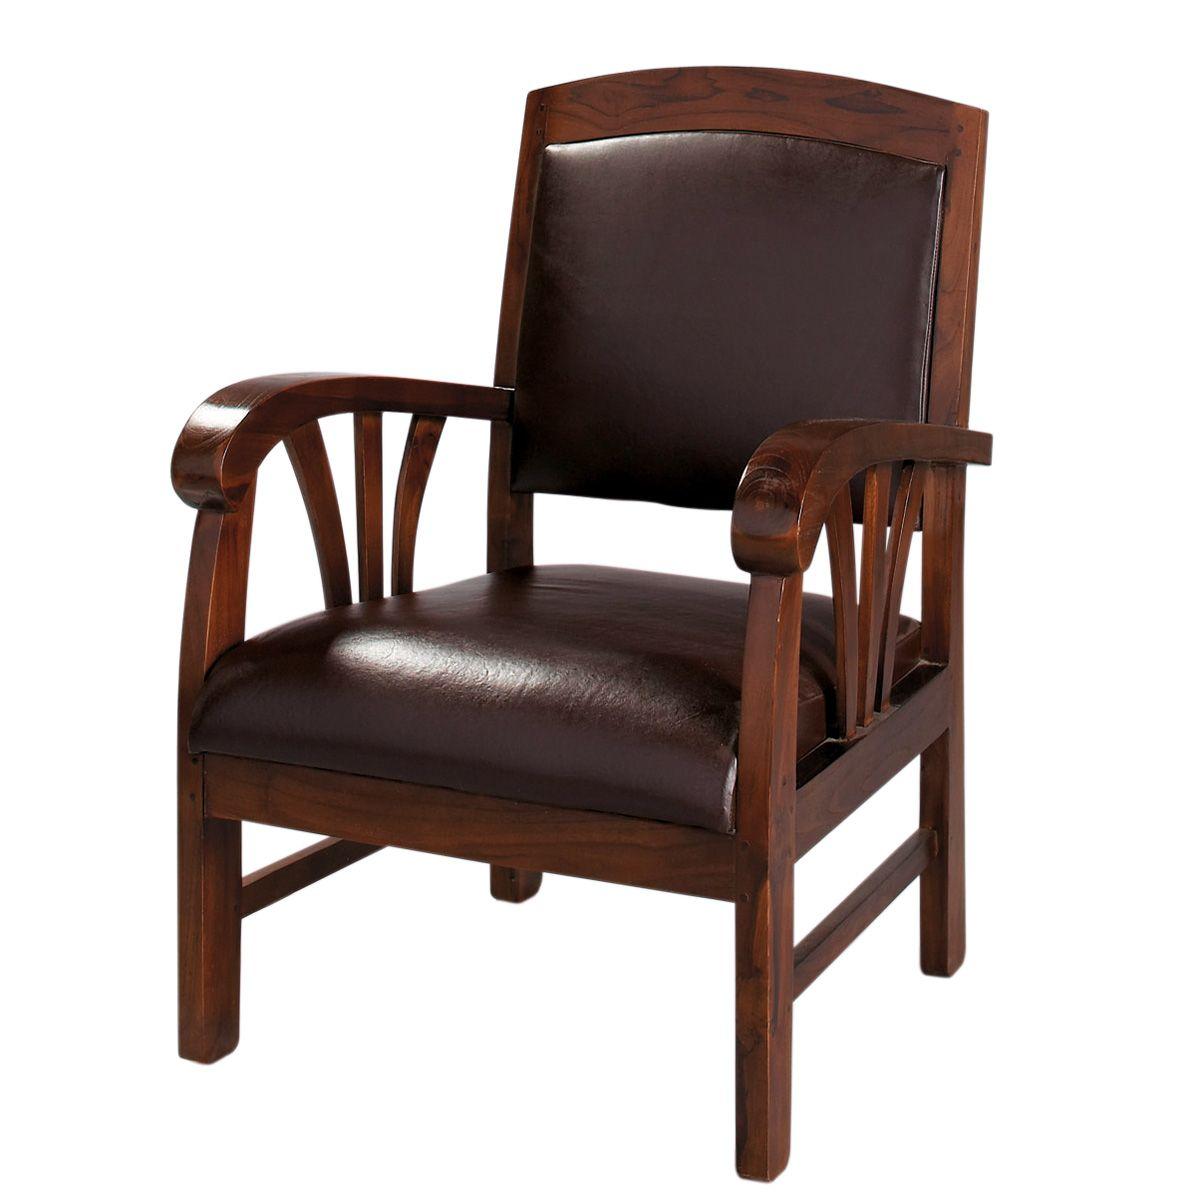 fauteuil en cuir marron singapour fauteuils en cuir et fauteuils. Black Bedroom Furniture Sets. Home Design Ideas